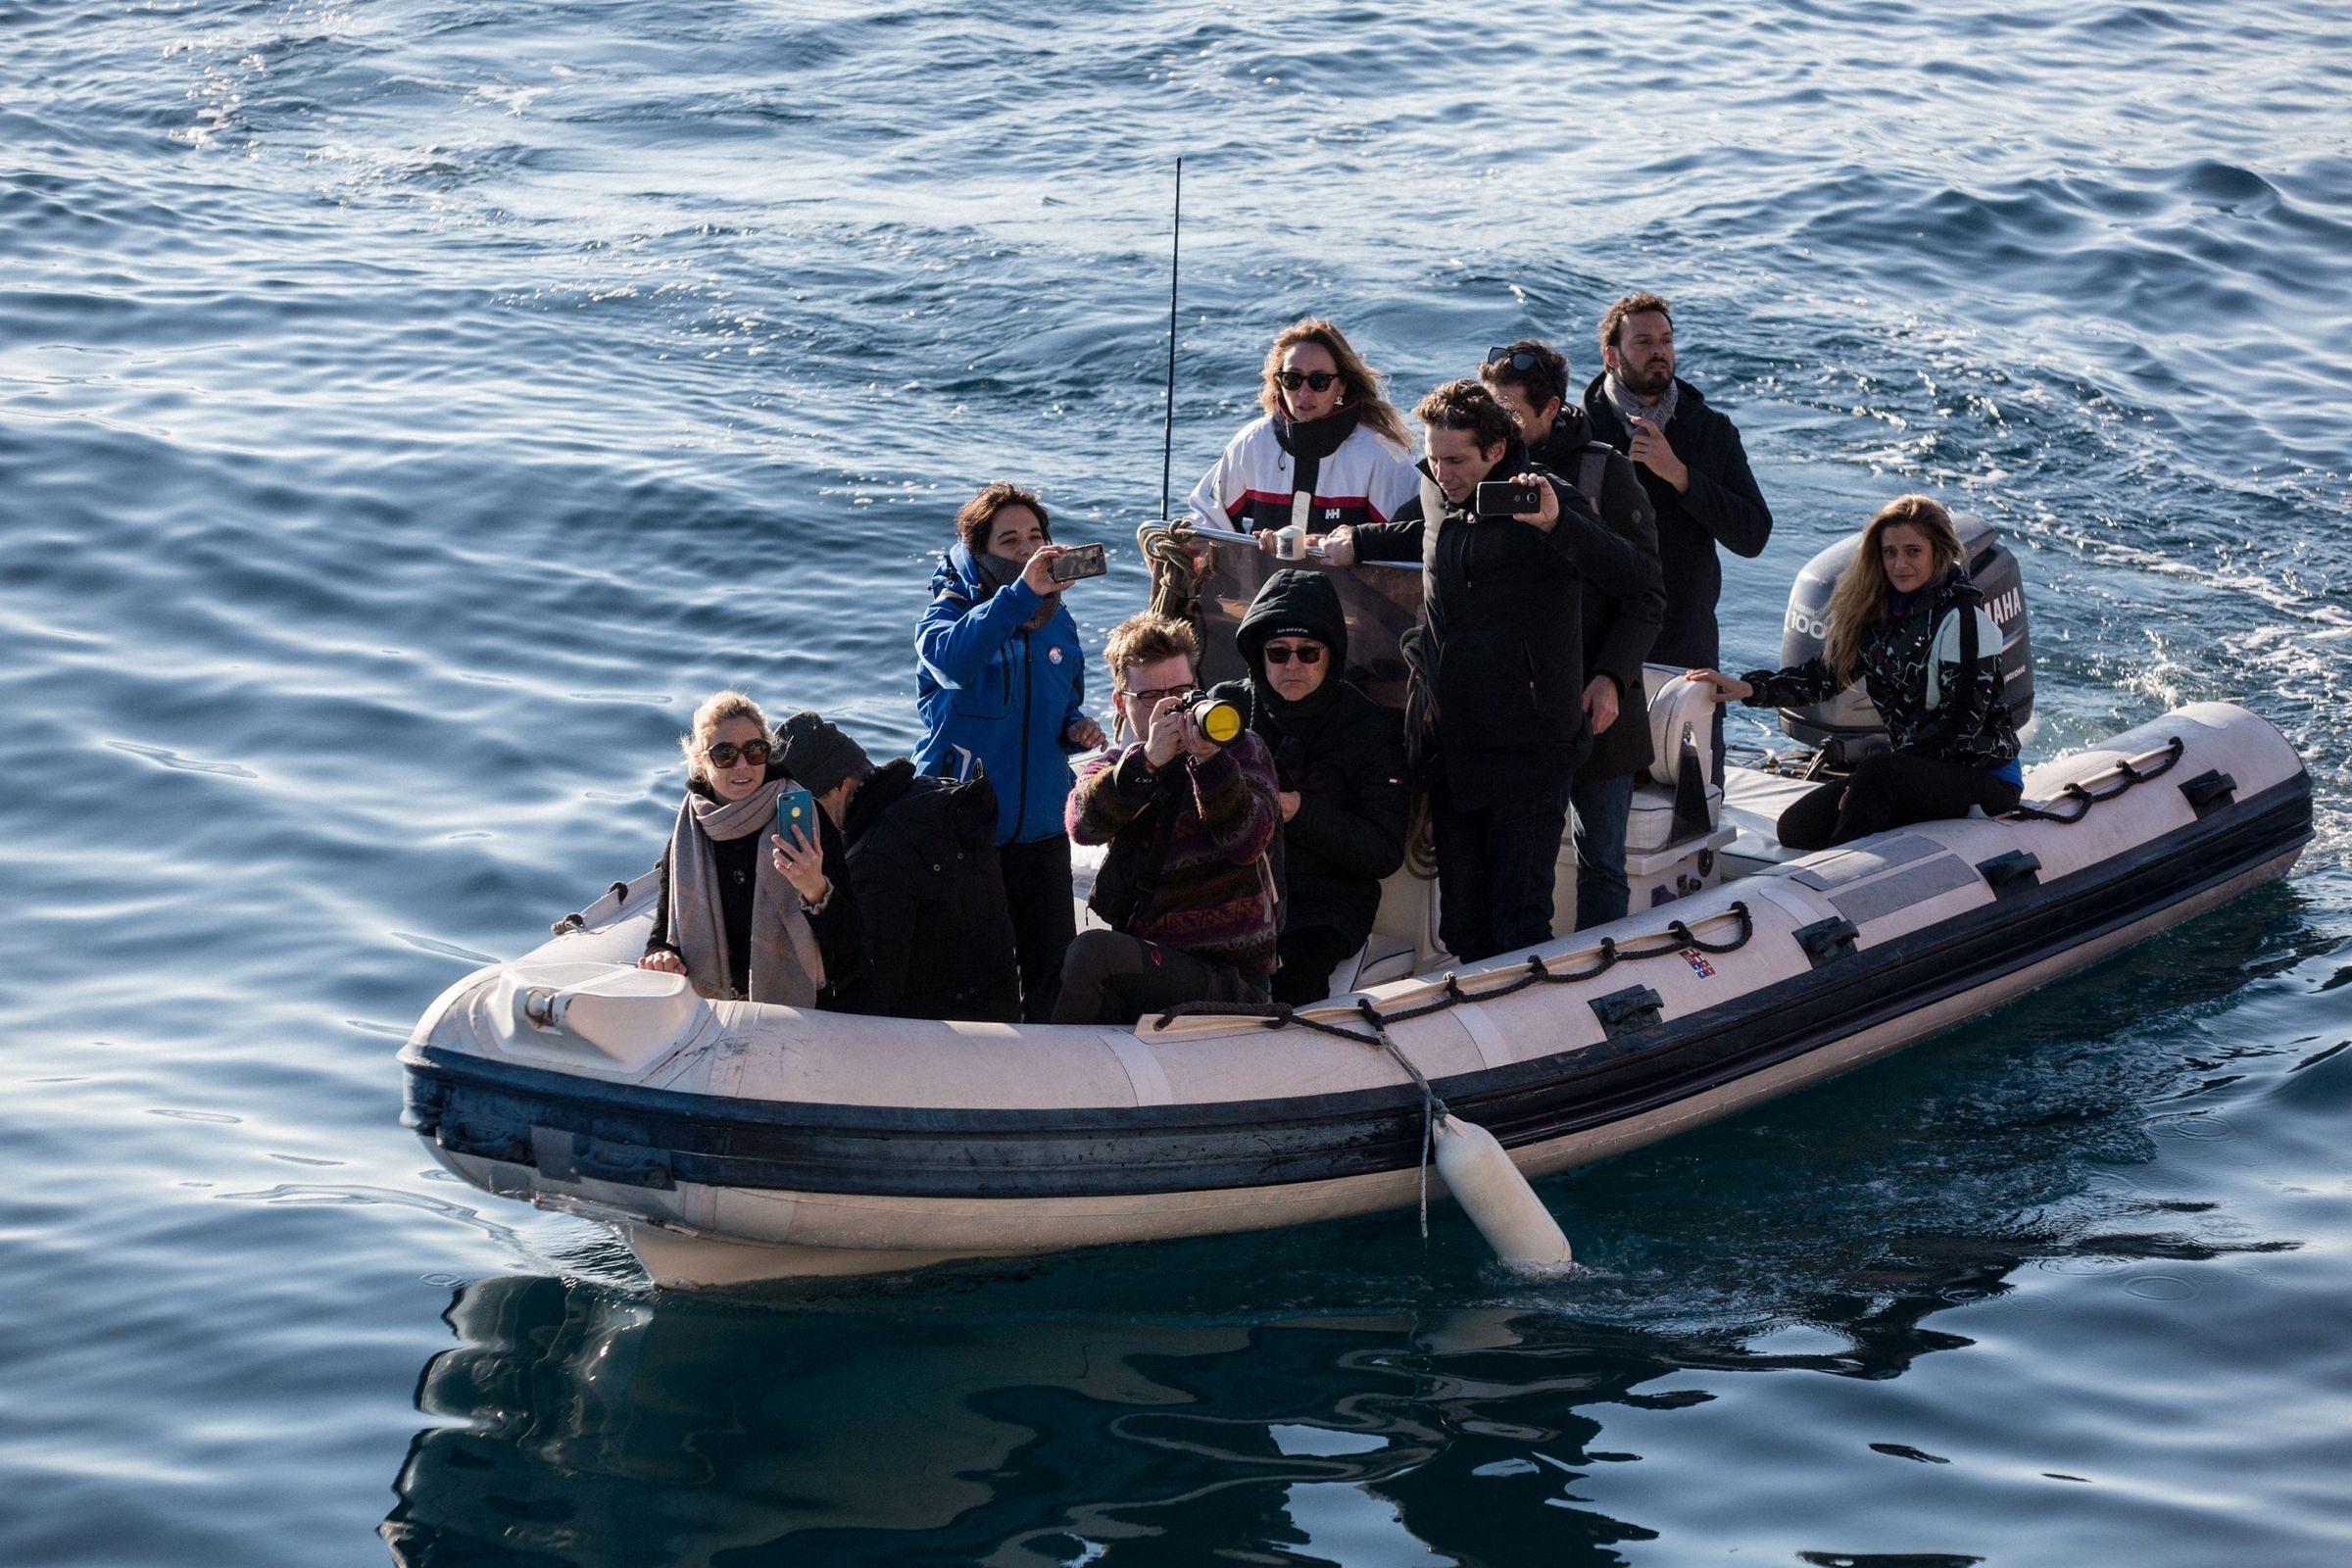 sea watch, multa da 2mila euro per i parlamentari che salirono sulla nave piena di migranti .